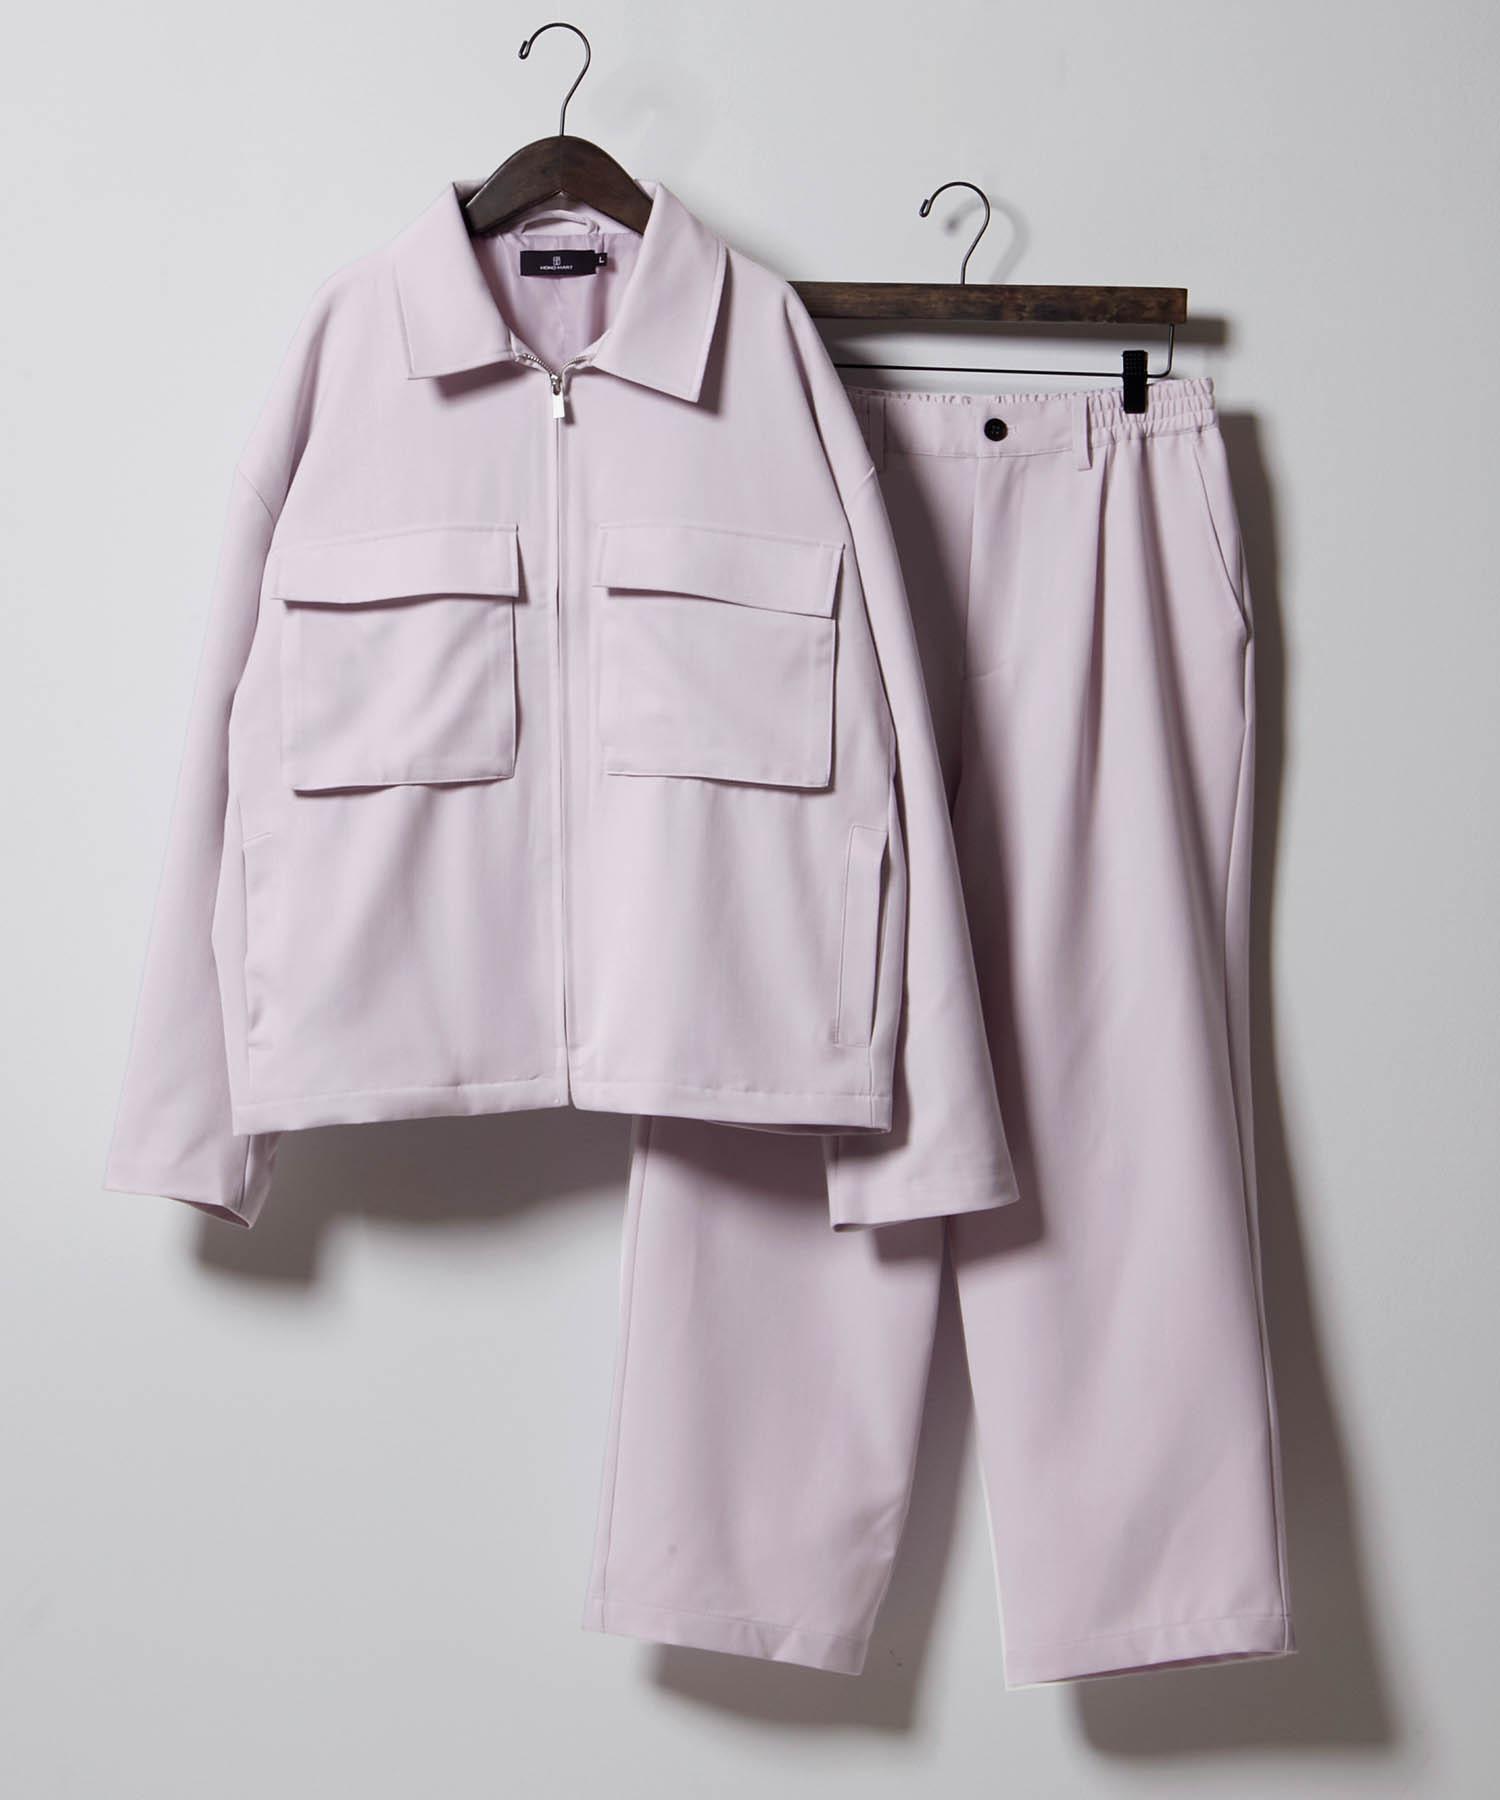 【セットアップ】TRストレッチ スーツ地 オーバーサイズ CPOジャケット & ワイドパンツ -2021SPRING-